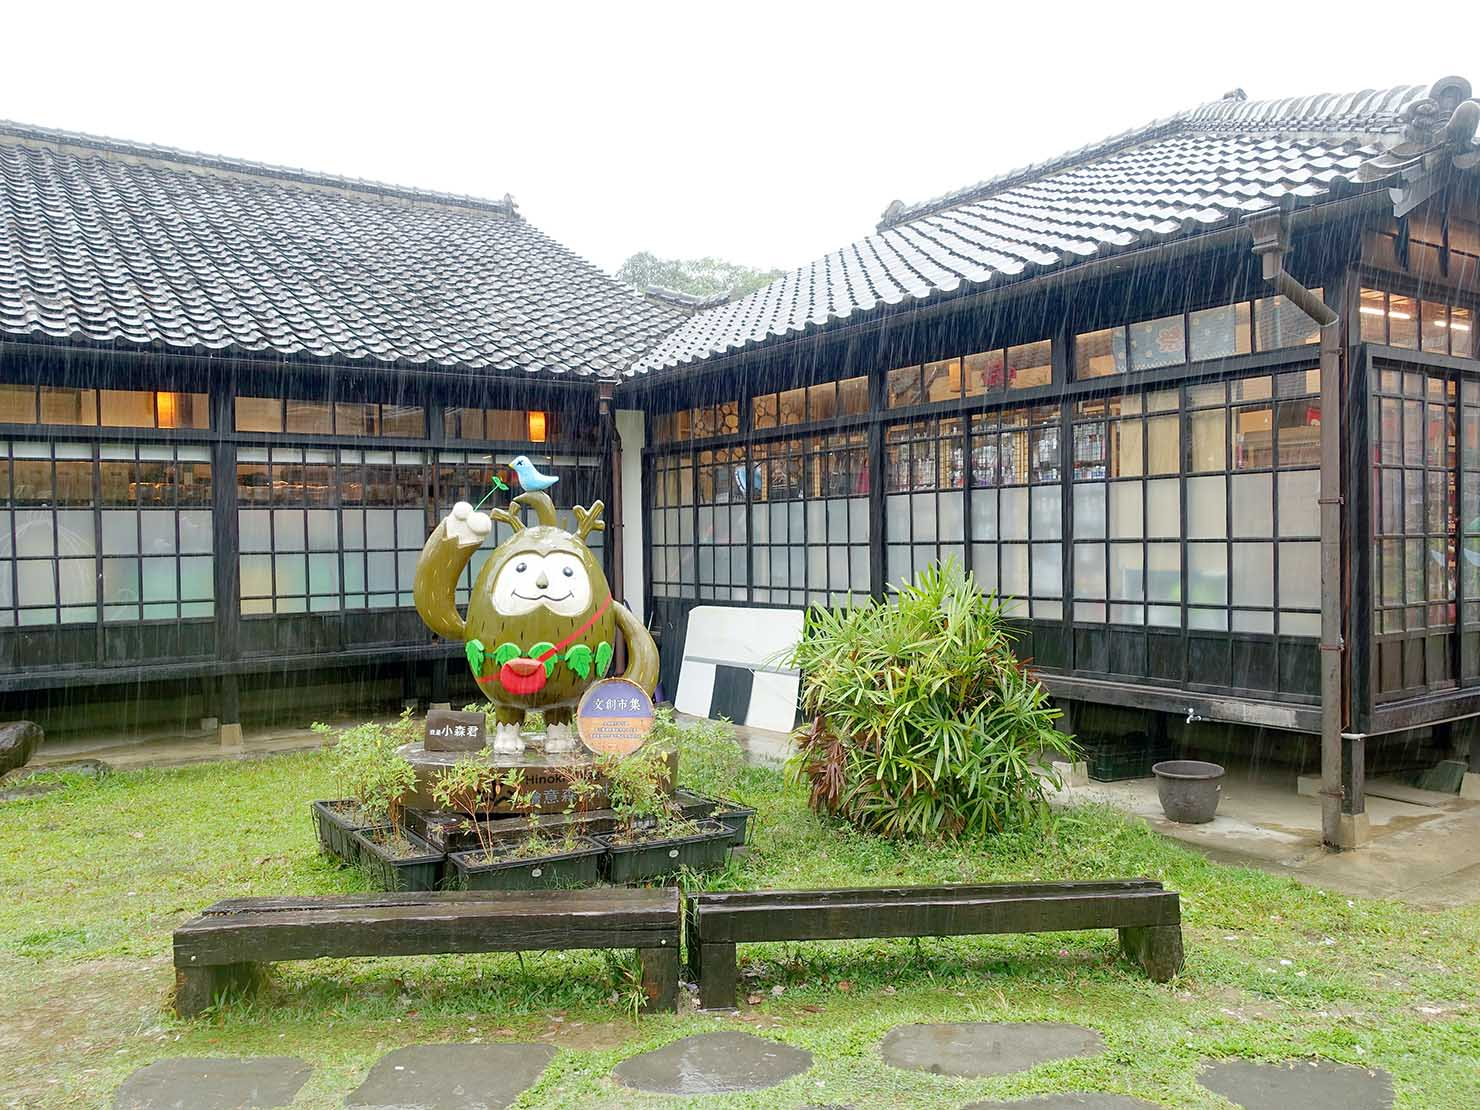 嘉義のおすすめ観光スポット「檜意森活村」のキャラクターが建つ庭